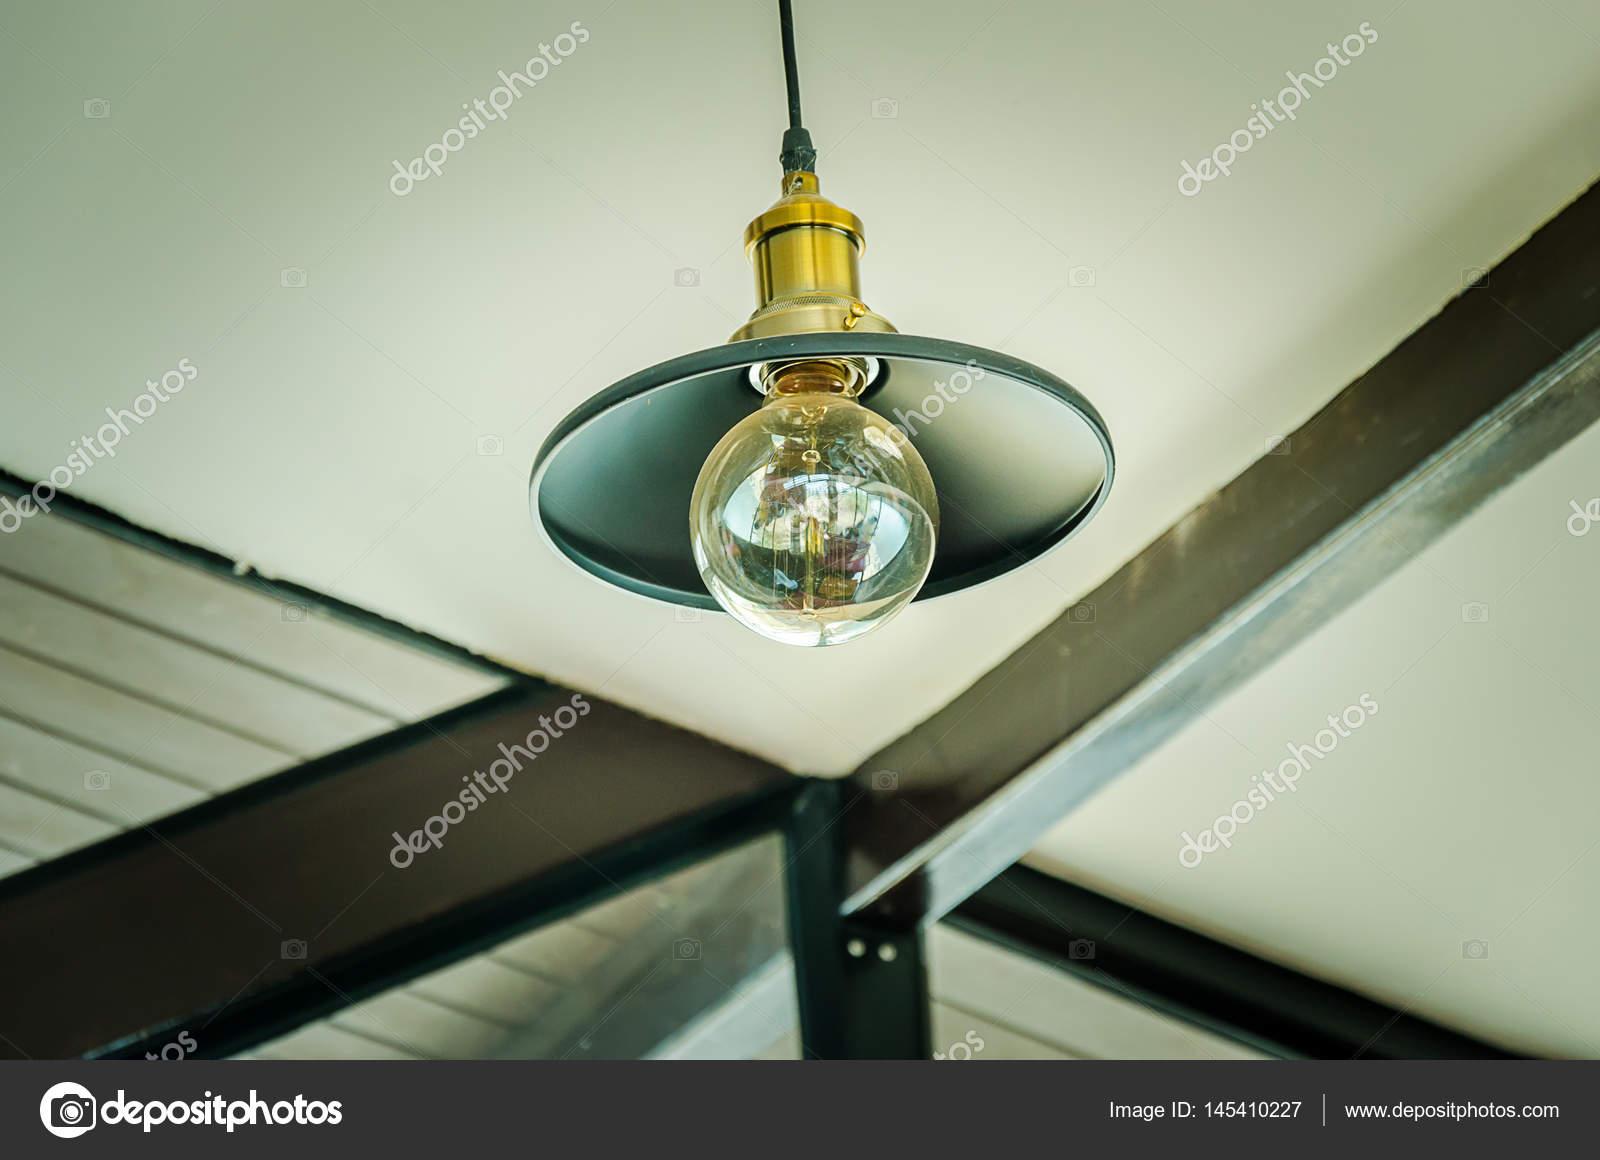 Lampade A Sospensione Vintage : Lampada a sospensione vintage u2014 foto stock © aoo8449 #145410227